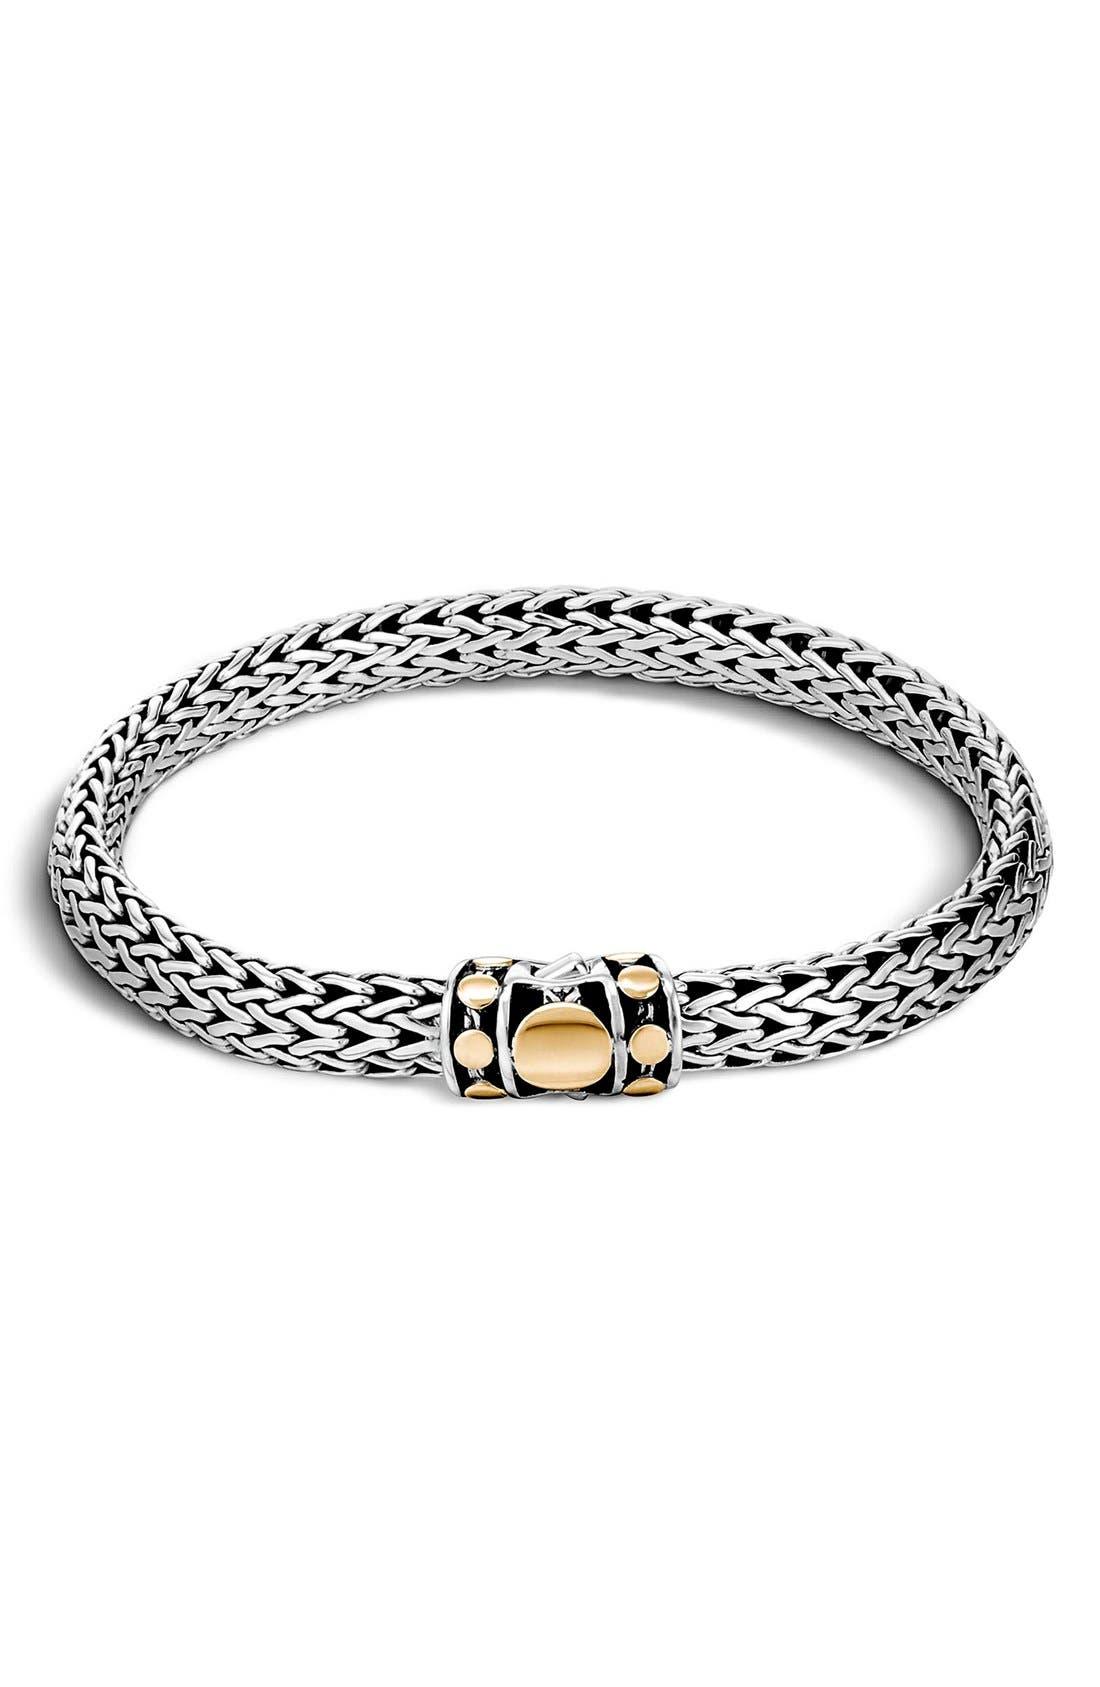 Dot 6.5mm Bracelet,                         Main,                         color, Sterling Silver - Gold